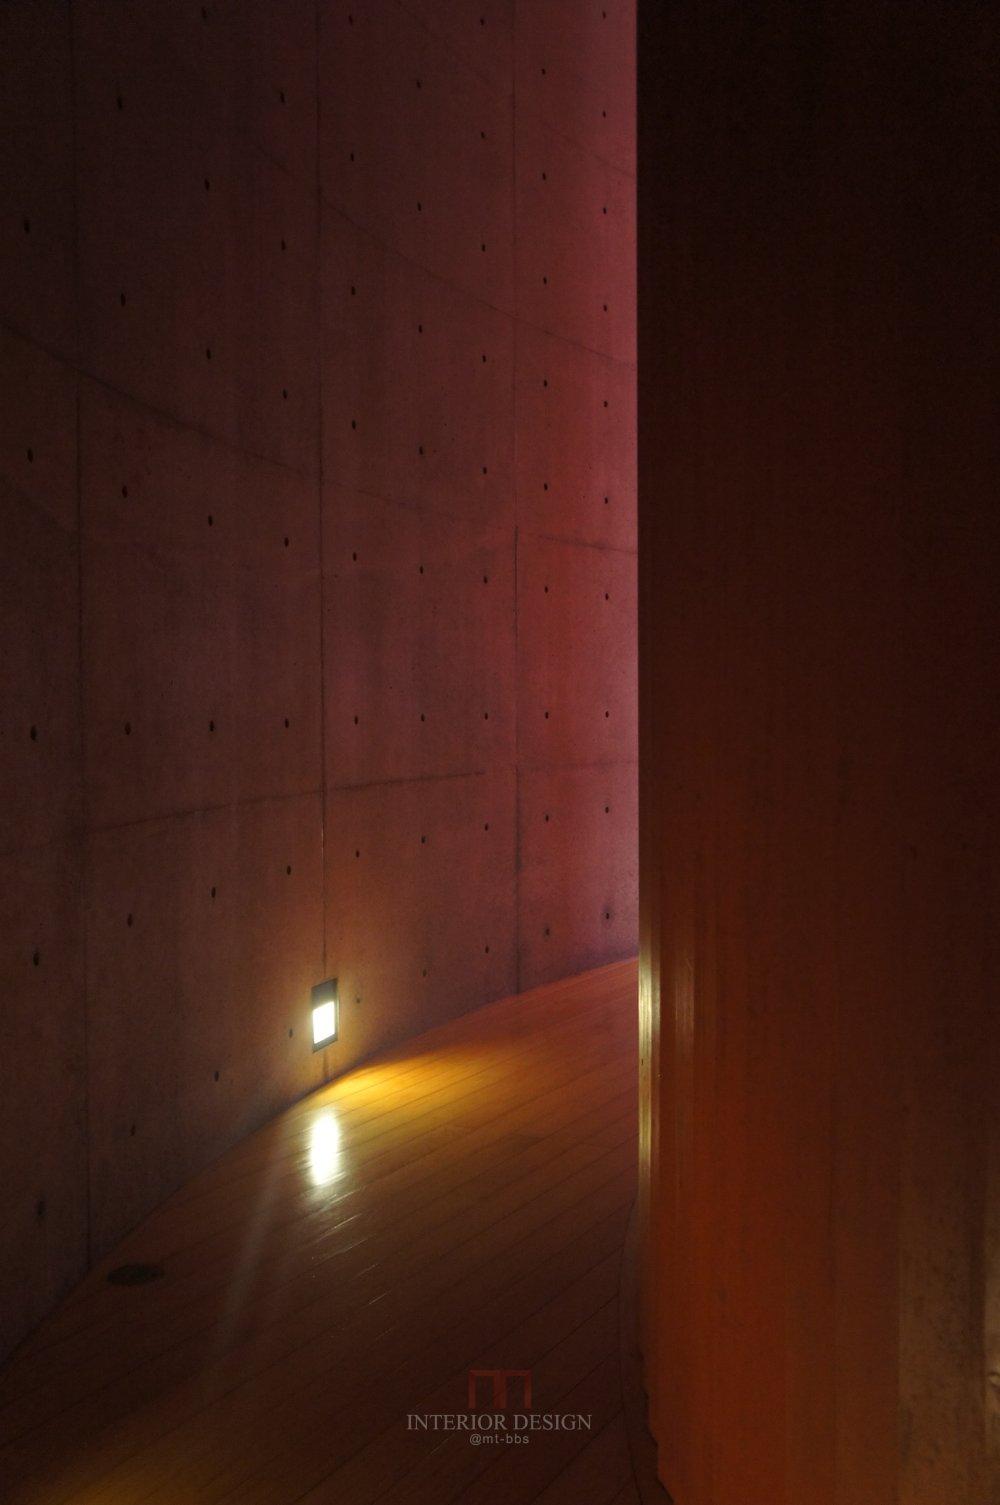 #伙伴一起看日本#  日本设计考察分享(更新美秀美术馆)_DSC05839.JPG